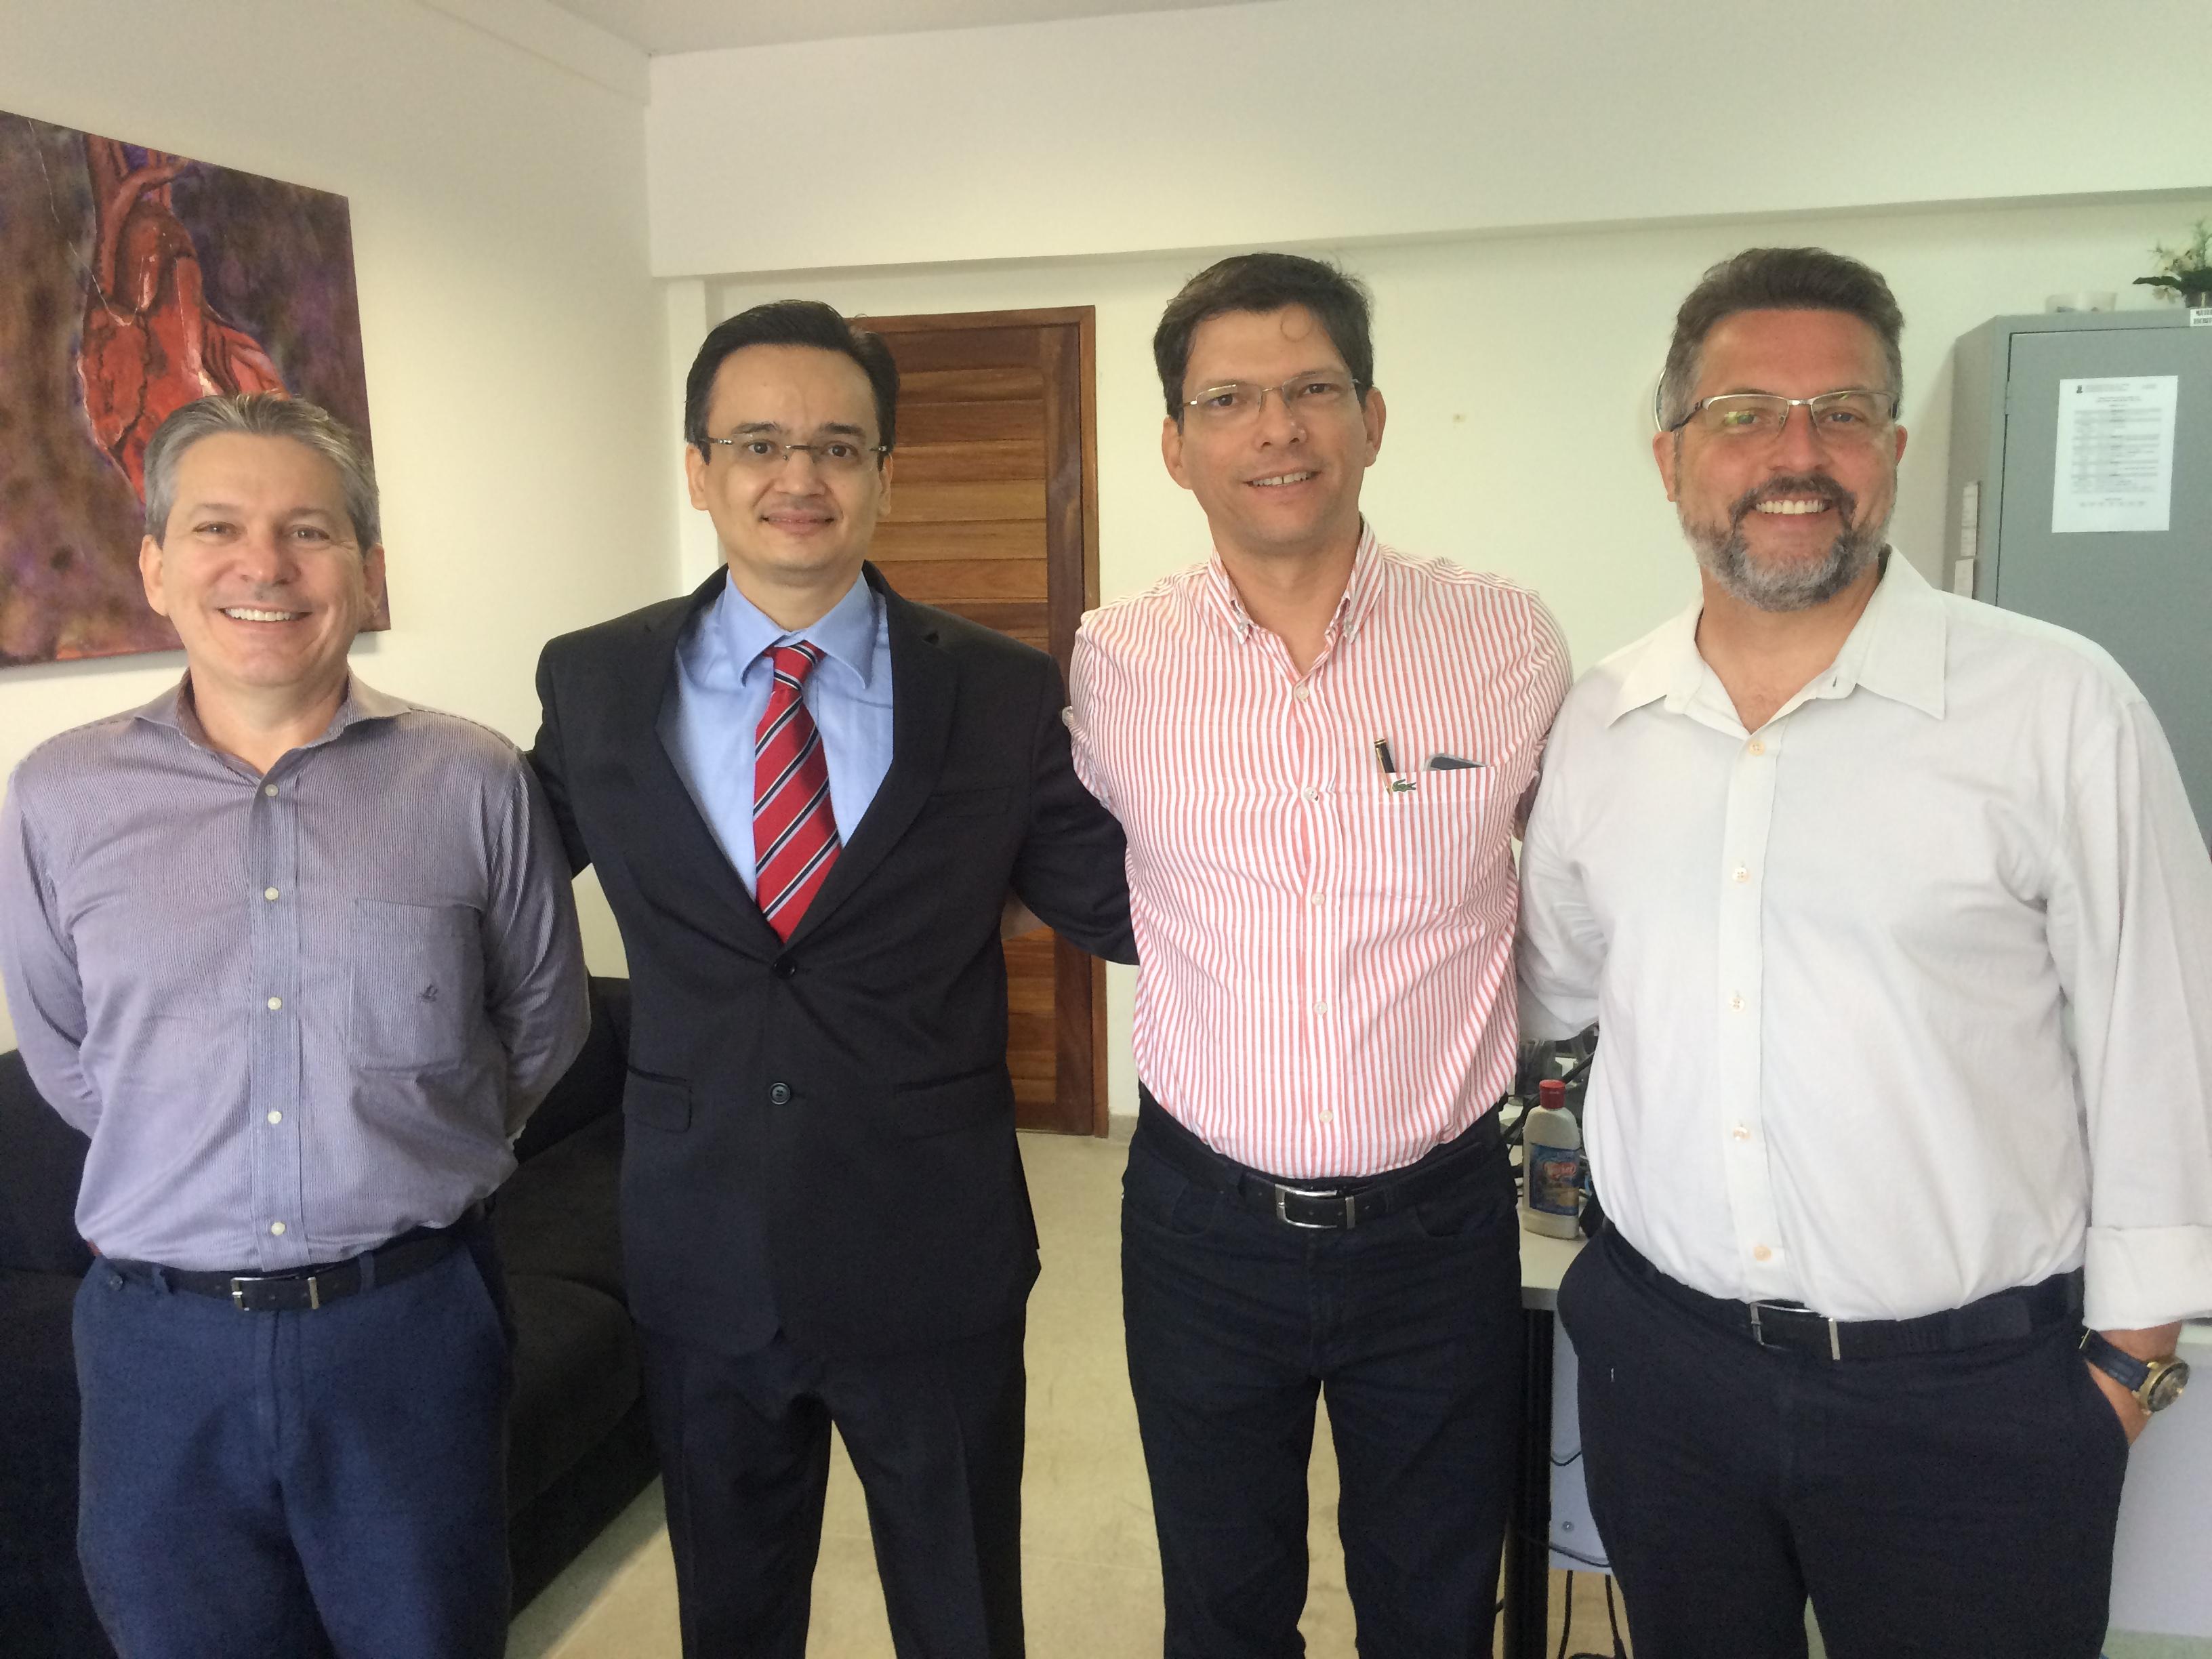 da esq. para dir.: Paulo José de Medeiros, José Iran de Medeiros Lacerda, Arlindo Monteiro de Carvalho Junior e Fábio de Oliveira Vilar